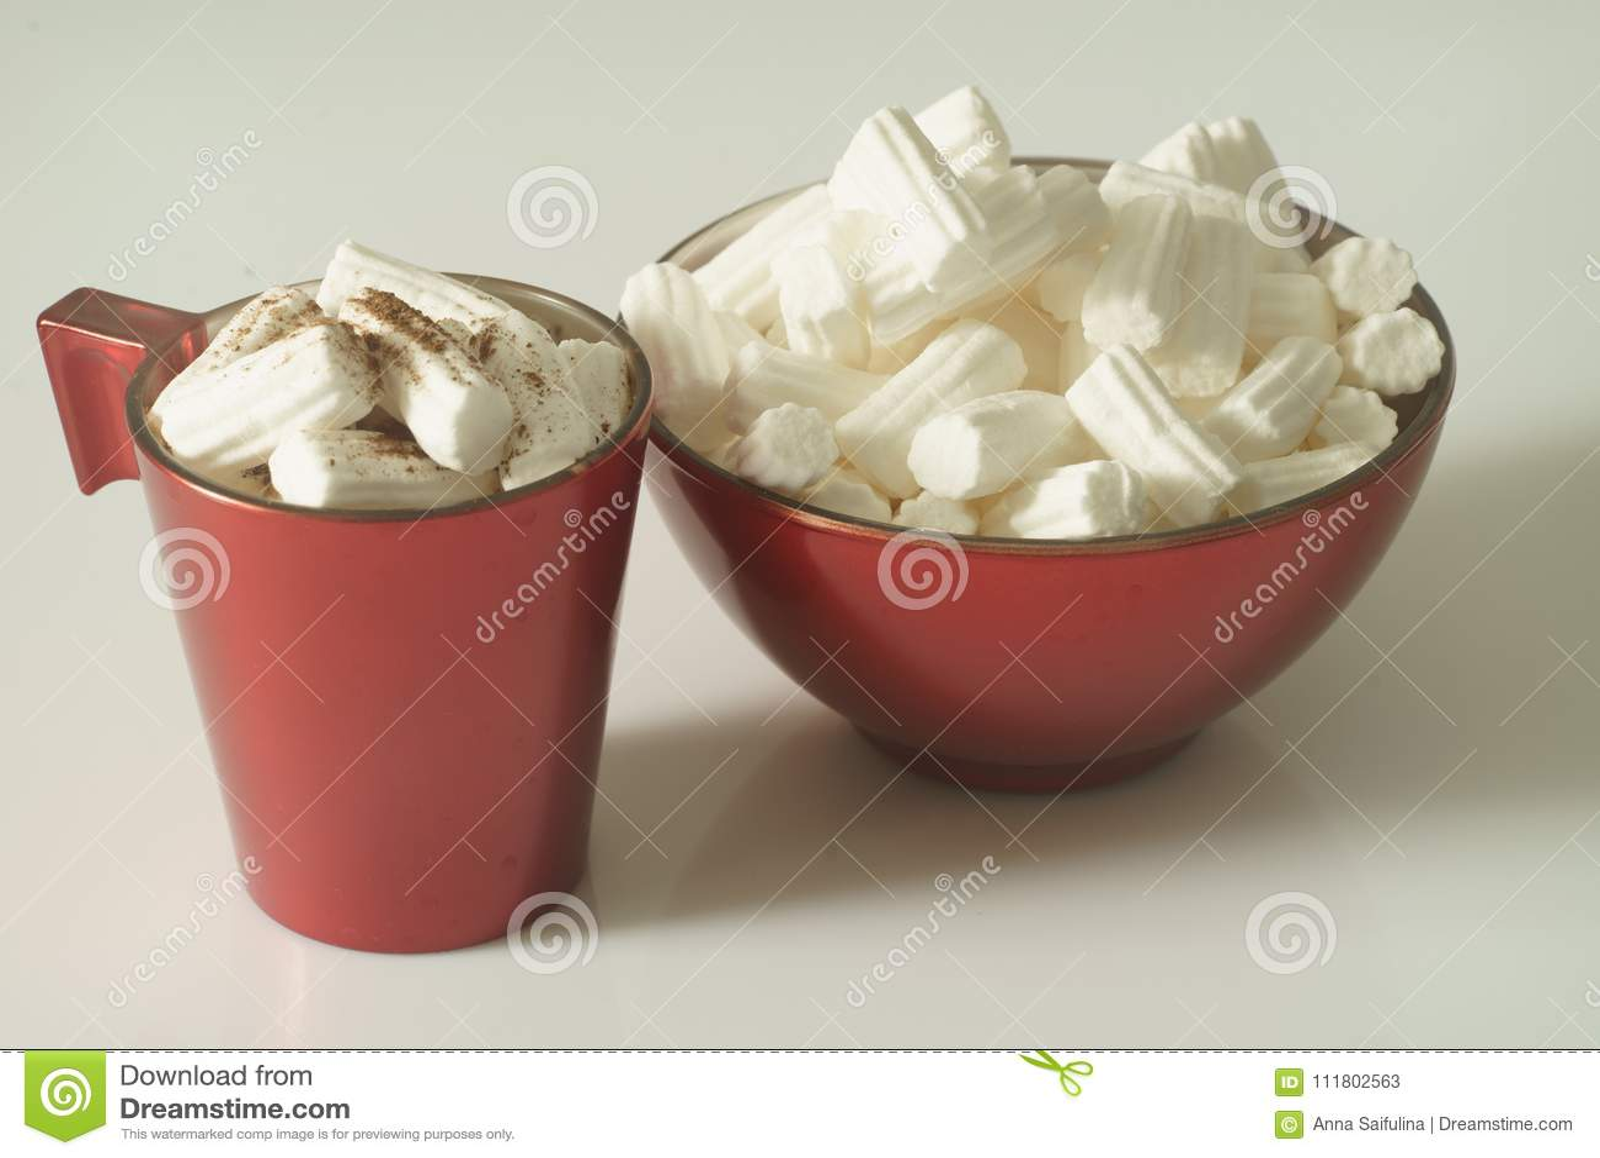 Una taza de café o de chocolate caliente con melcochas y una placa roja en un fondo blanco Cierre para arriba Foto de la Navidad